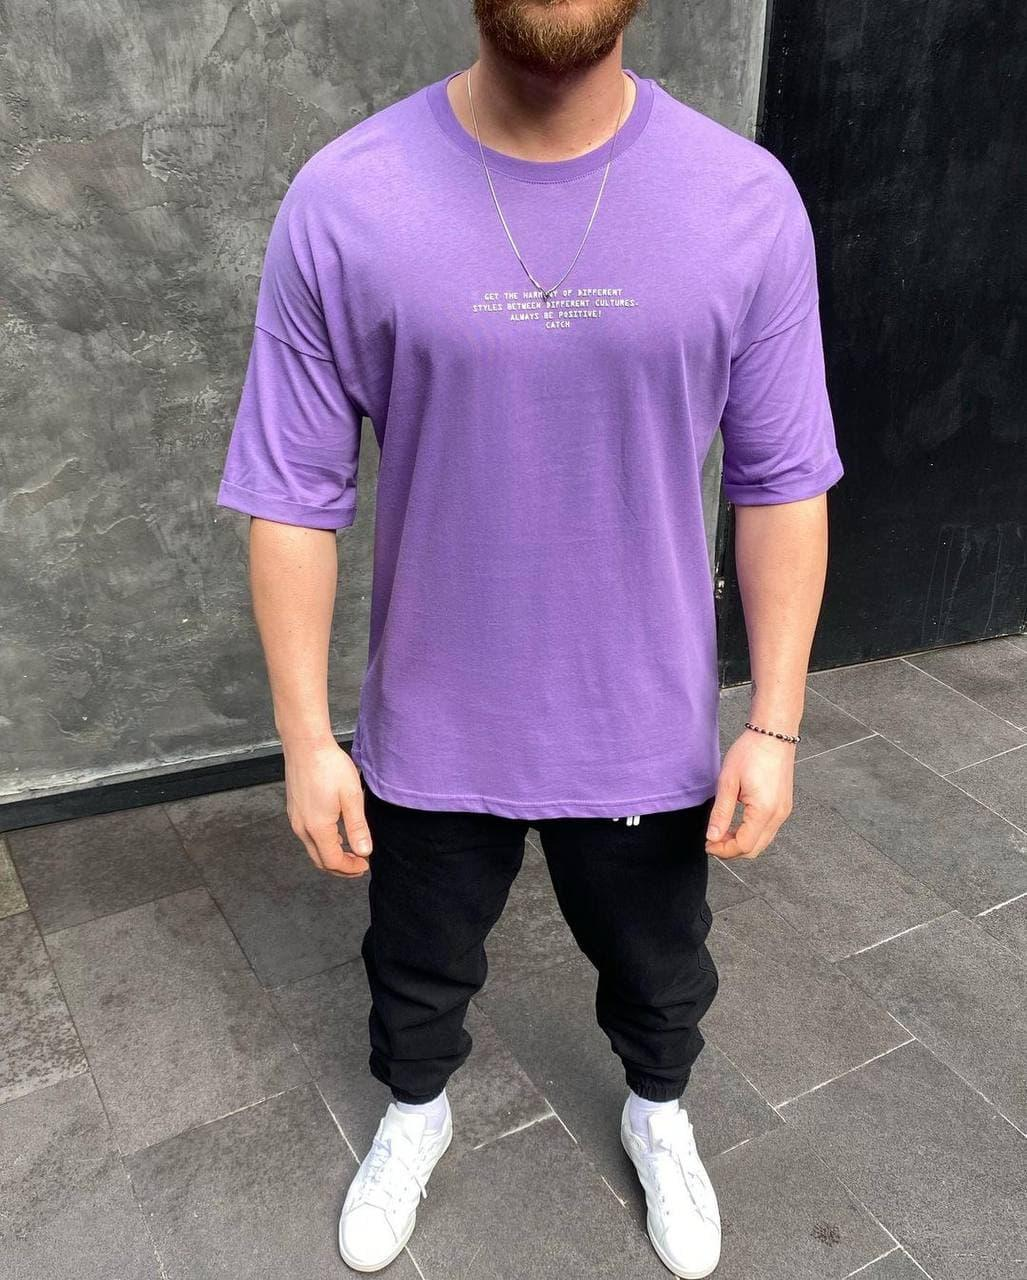 Чоловіча футболка oversize фіолетова з написом